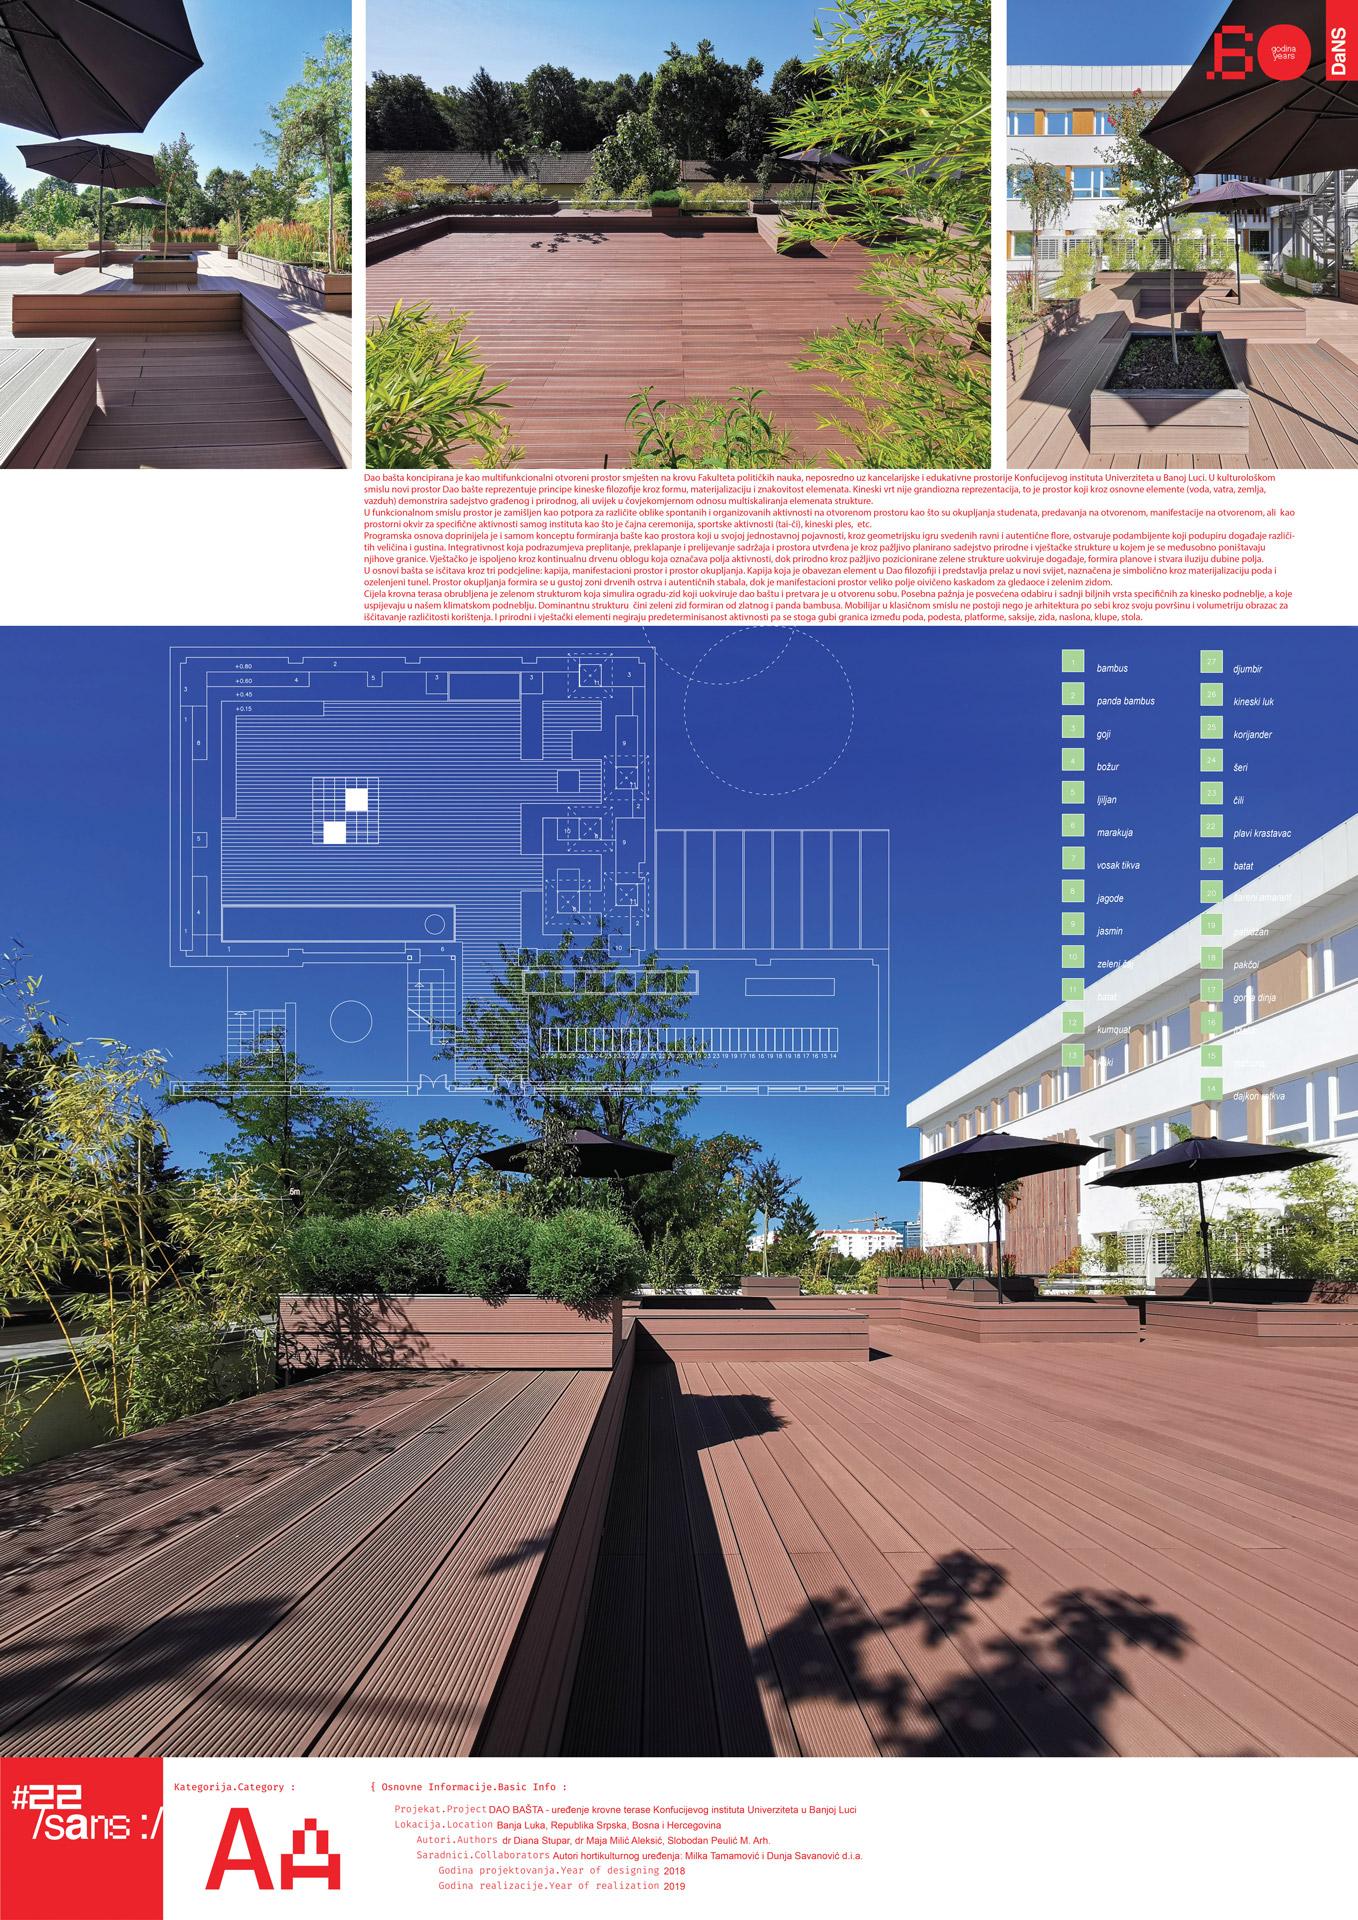 """<p class=""""naslov-br"""">aa39</p>DAO BAŠTA - uređenje krovne terase Konfucijevog instituta Univerziteta u Banjoj Luci // DAO GARDEN - Design of the Confucius Institute of the University of Banja Luka Roof Terrace"""